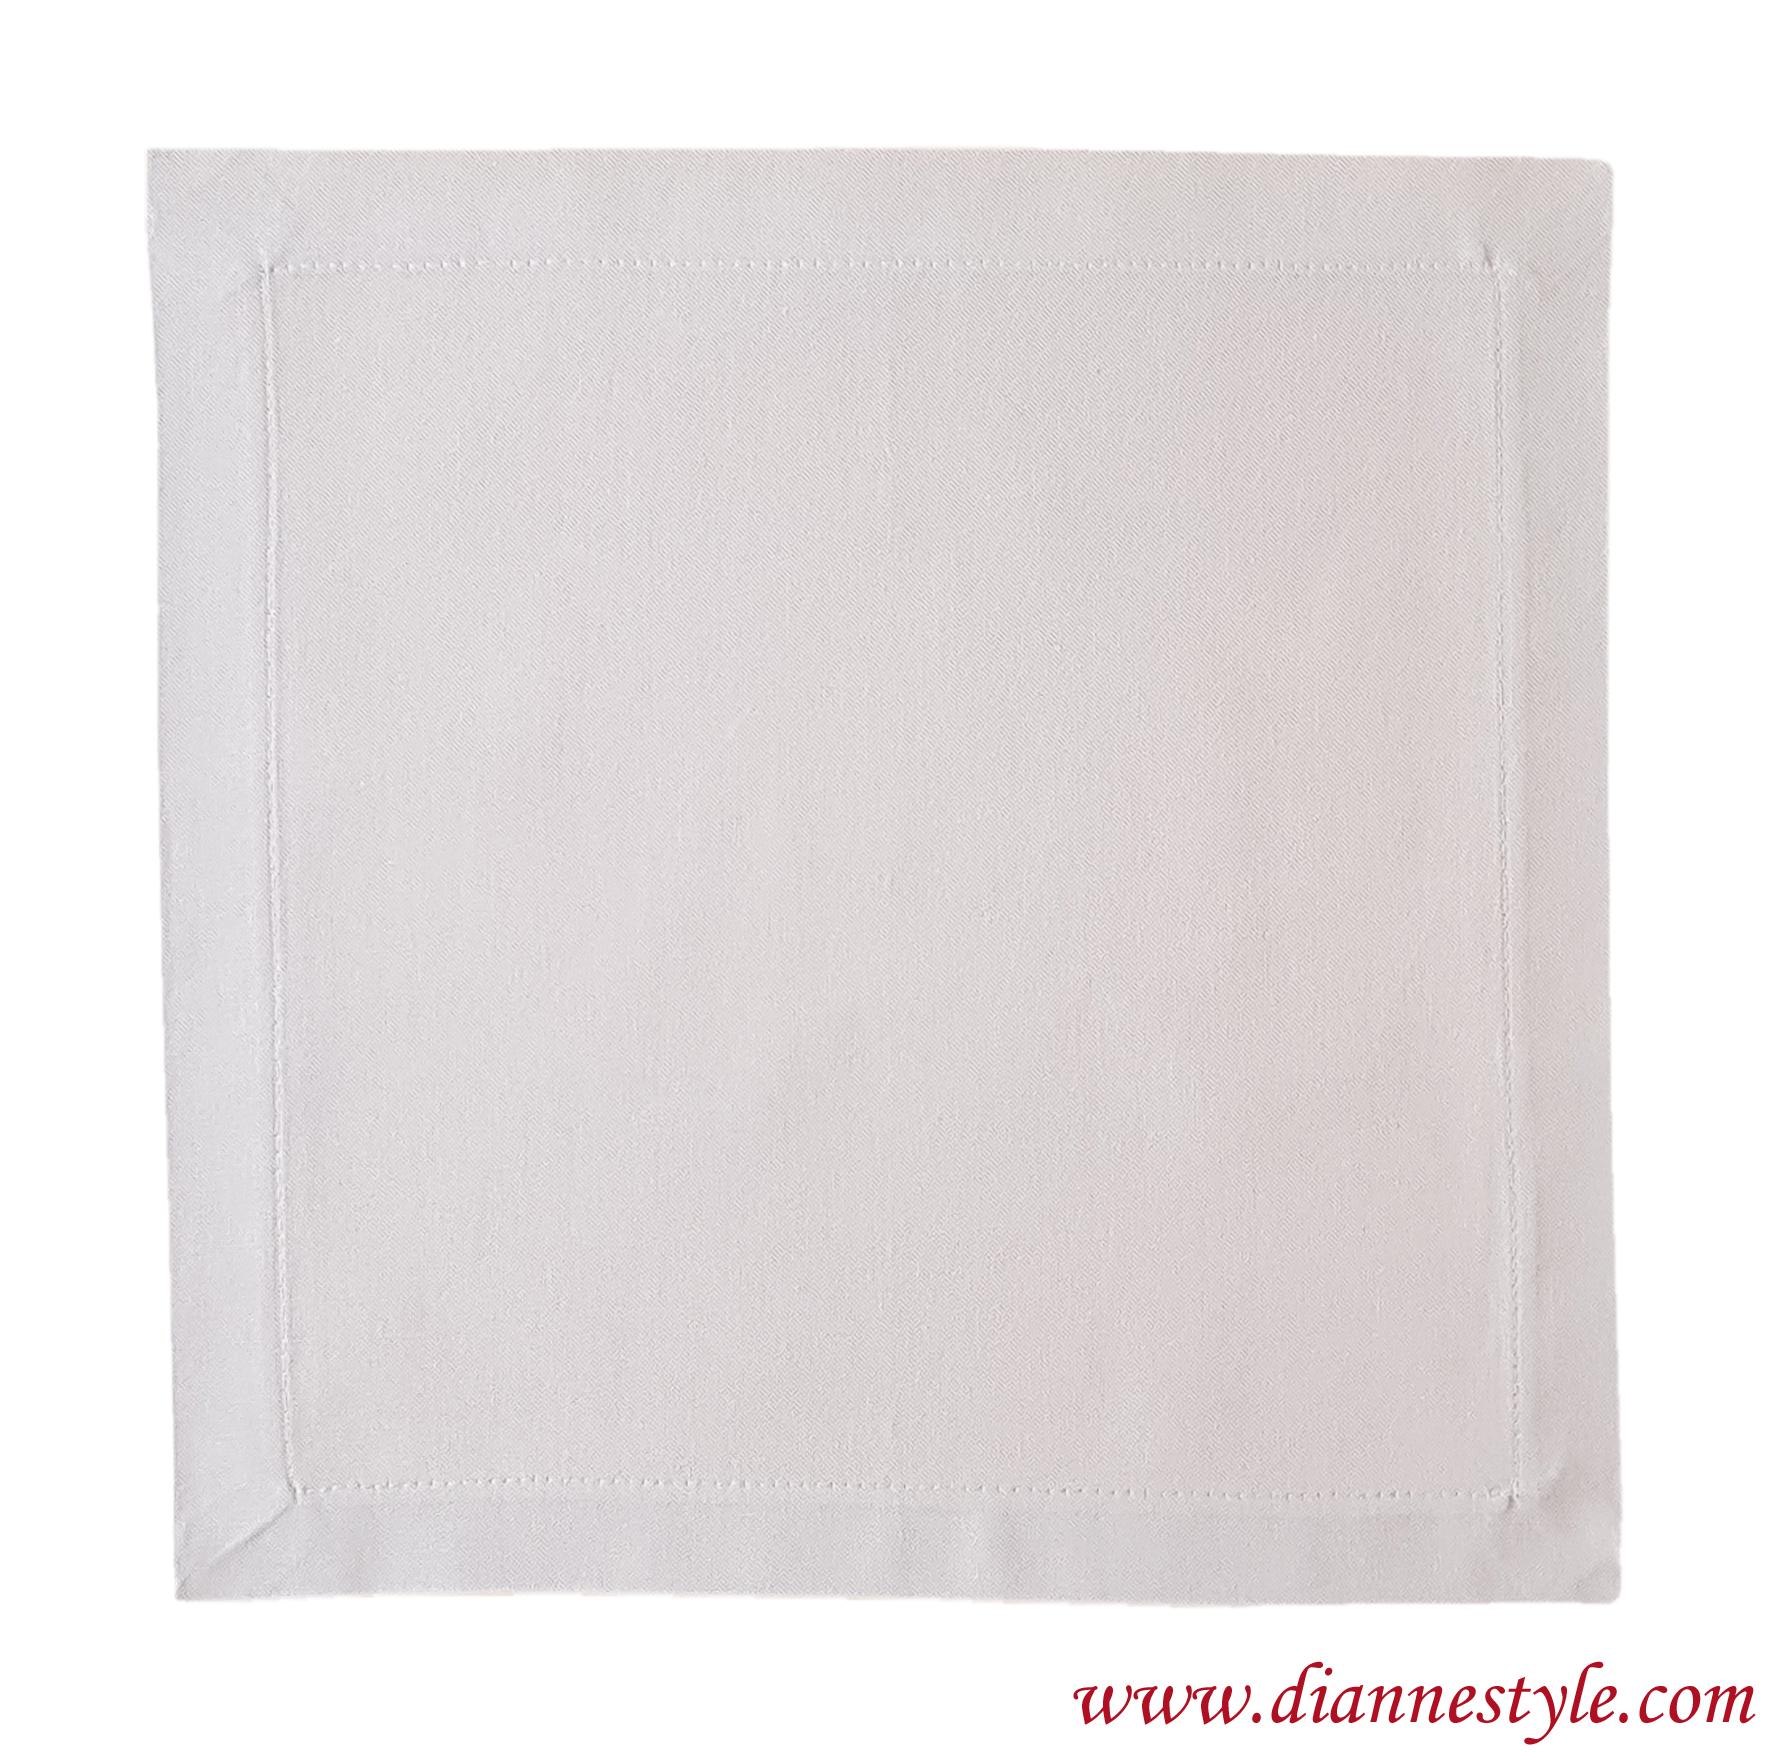 Serviette de table beige clair. 40x40 cm. Réf. 284